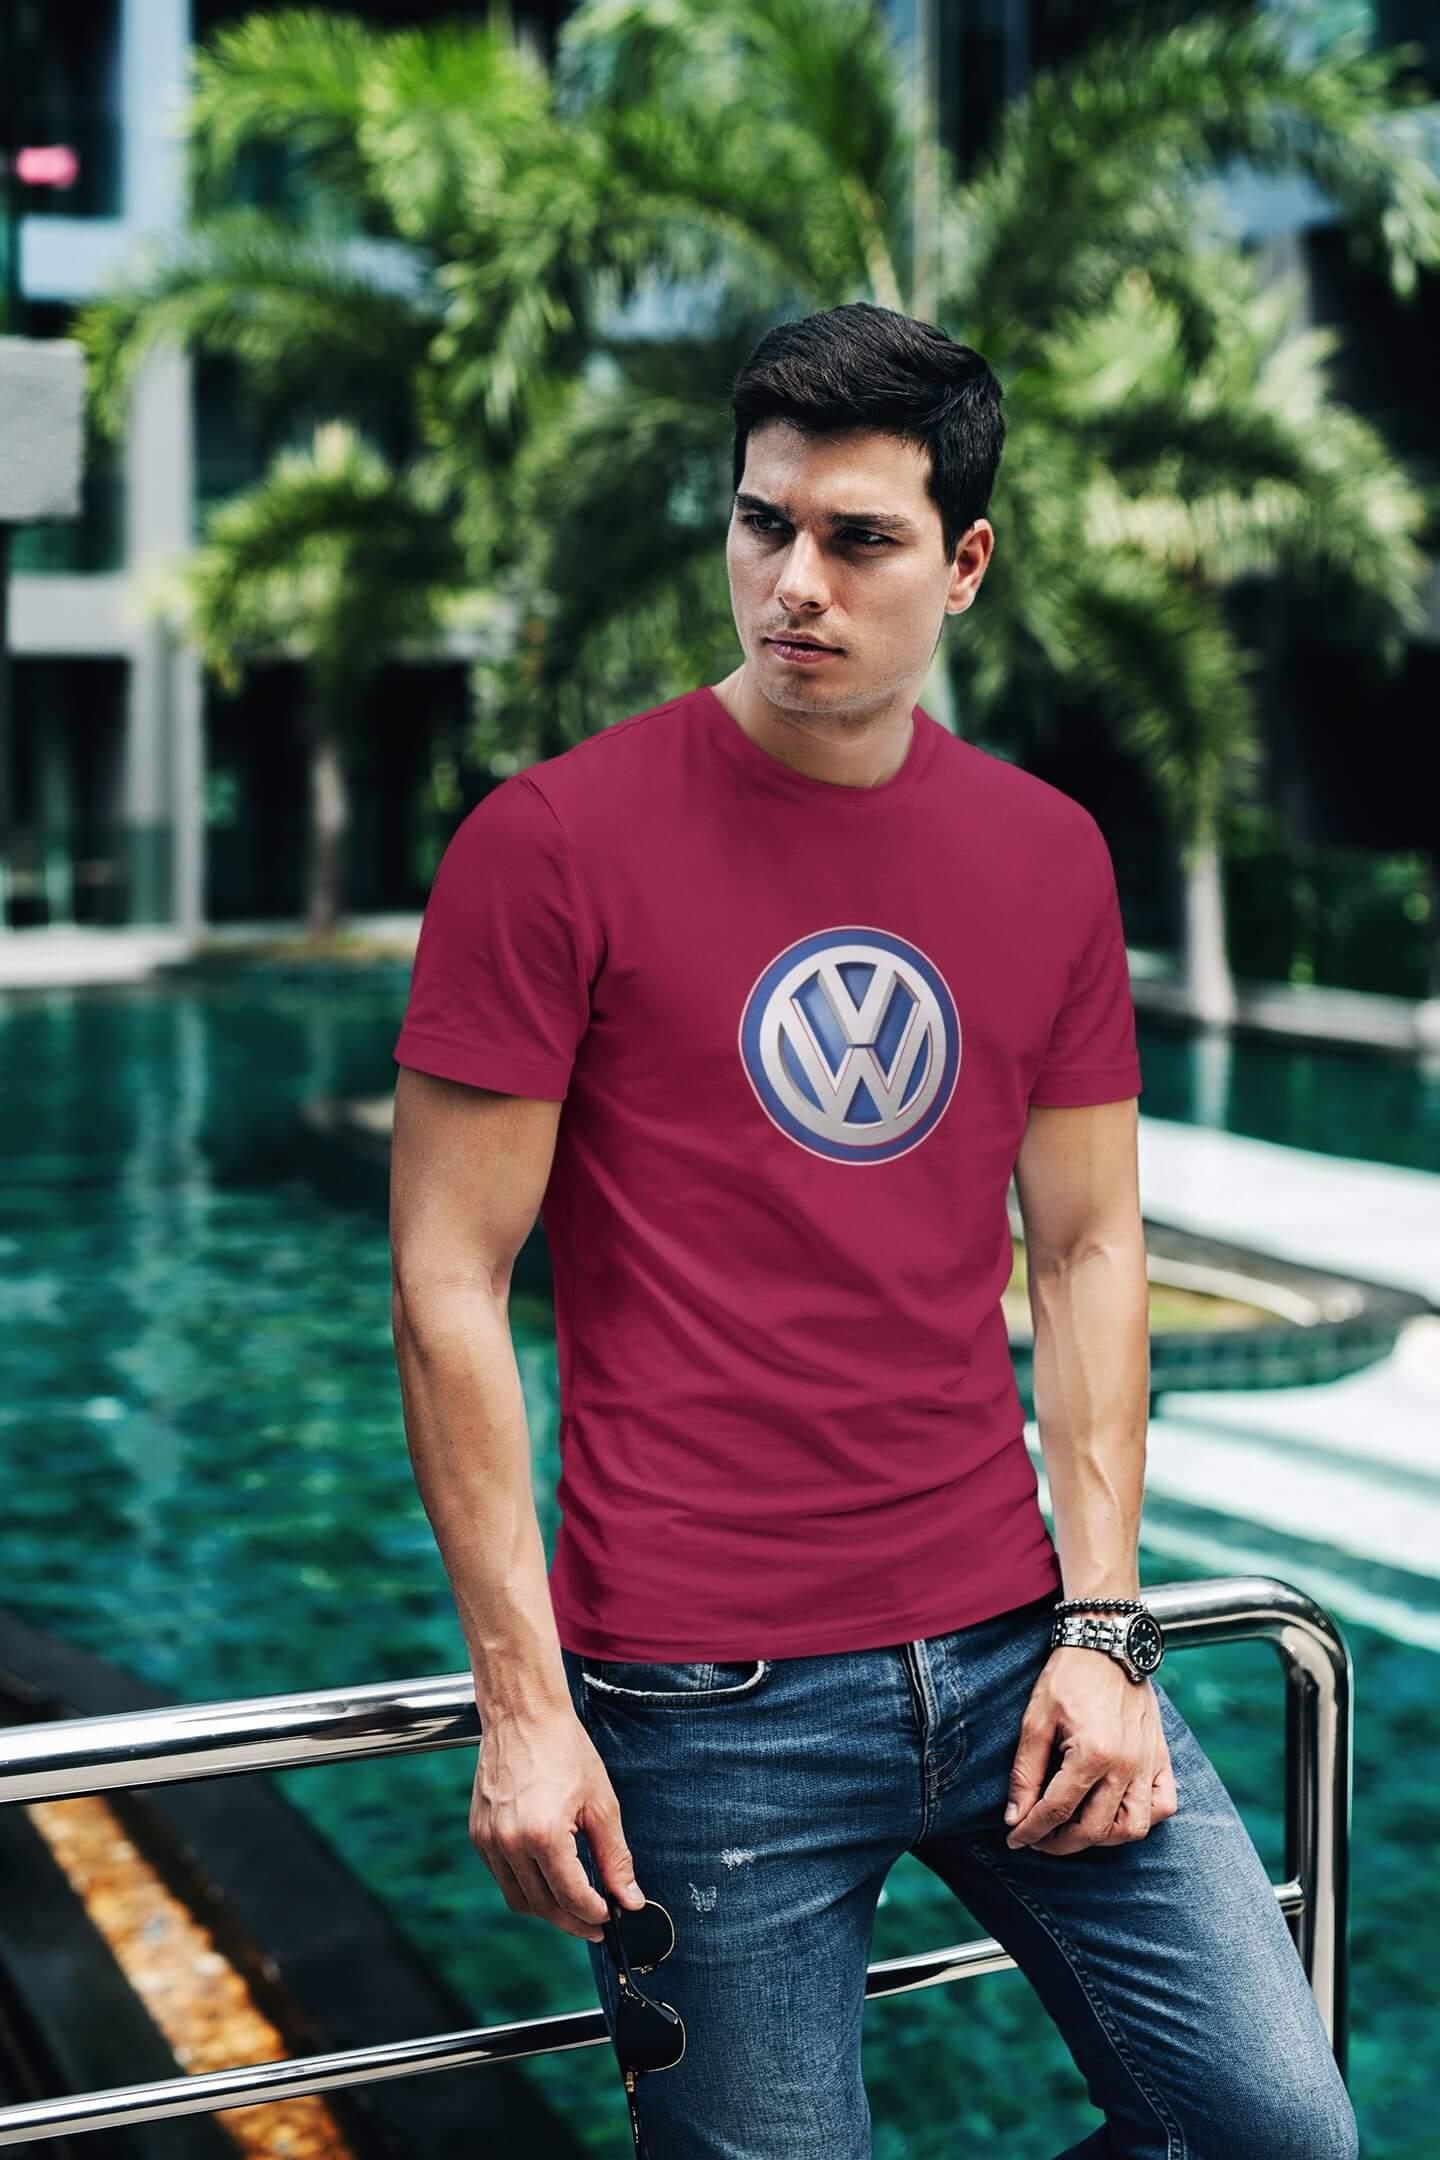 MMO Tričko s logom auta Volkswagen Vyberte farbu: Marlboro červená, Vyberte veľkosť: XL